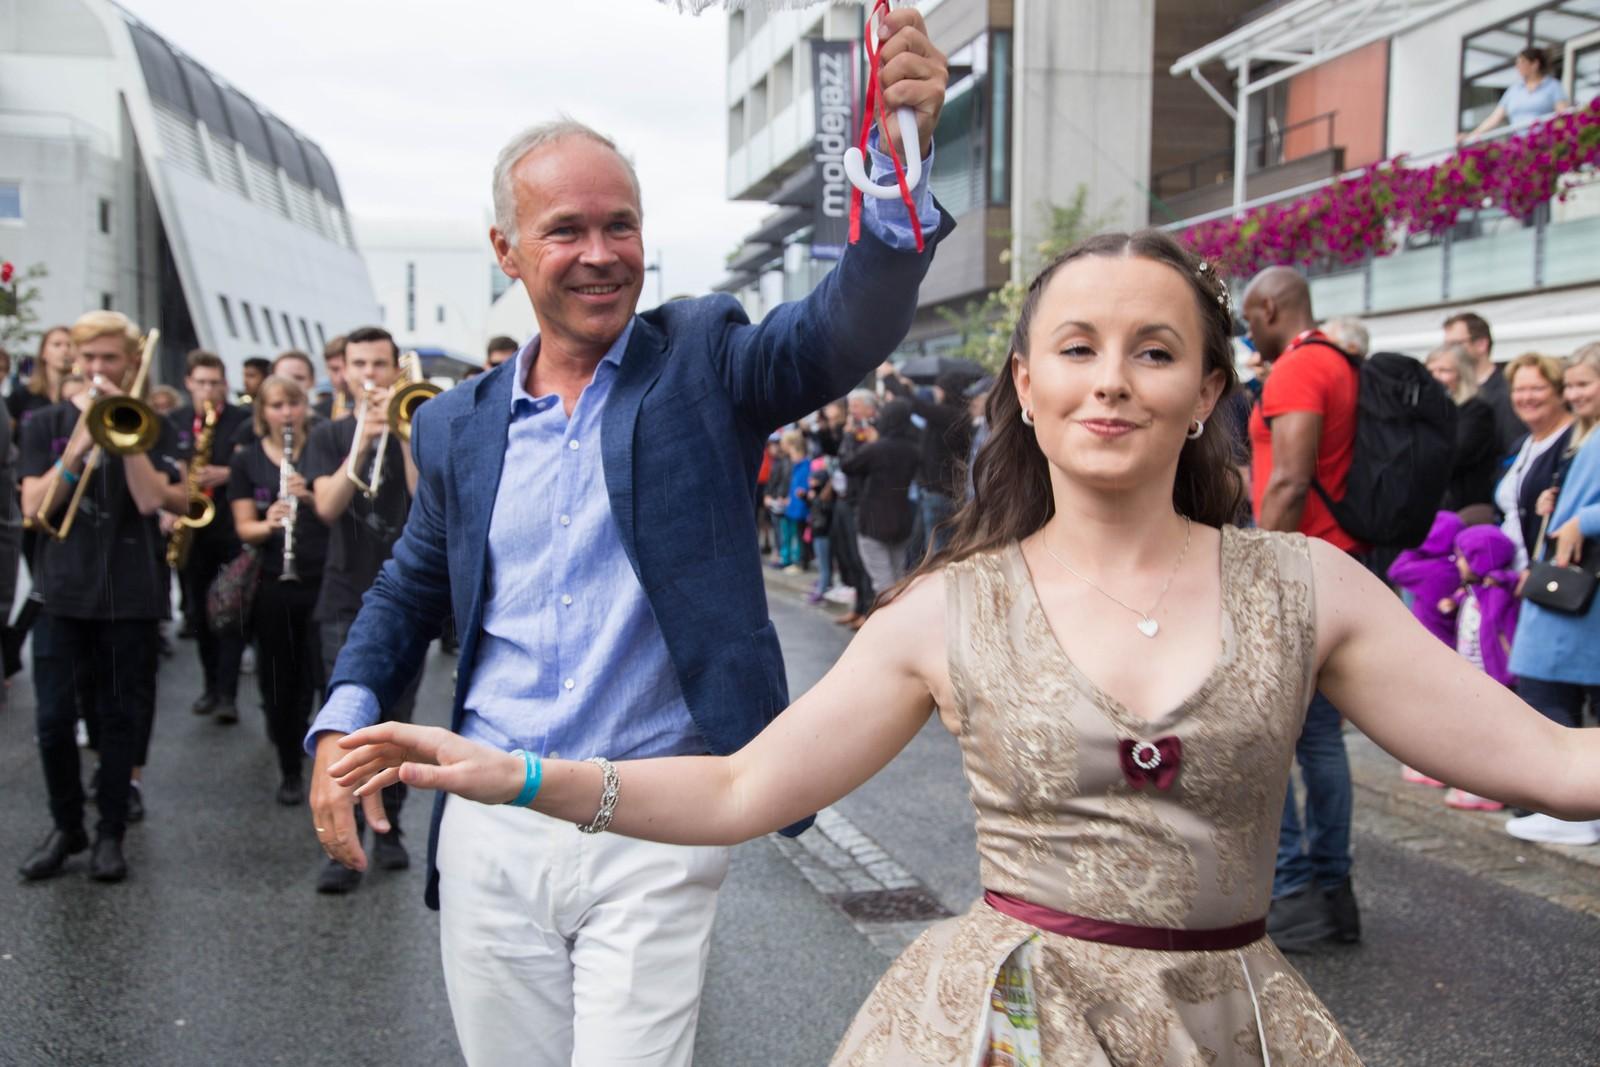 Jan Tore Sanner i fri dressur i Molde bys gater, sammen med Jeanette Holsbøvåg.